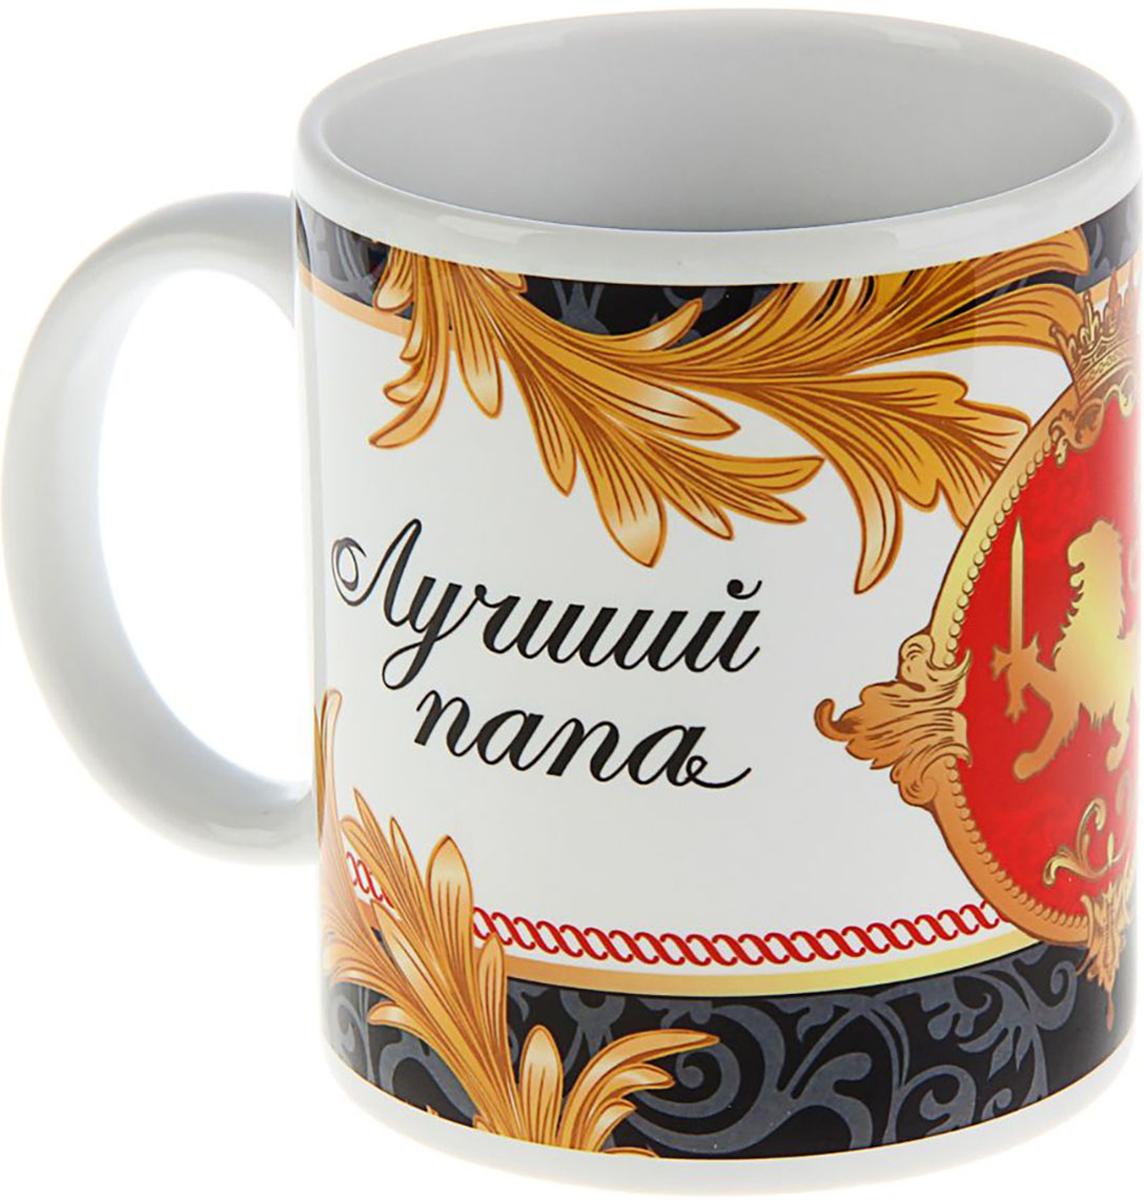 Кружка Sima-Land Лучший папа, 330 мл. 13253481325348Кружка - лучший подарок. Это замечательный и памятный подарок на любой случай. Он с любовью создан нашими дизайнерами специально для ценителей чая. Интересный дизайн и благородные цвета будут радовать ее обладателя долгие годы. Изображение нанесено с помощью сублимации, поэтому устойчиво к воздействию моющих средств и не подвержено выгоранию на солнце. Соберите коллекцию для всей семьи, тогда каждое чаепитие в кругу родных превратится в настоящую церемонию.